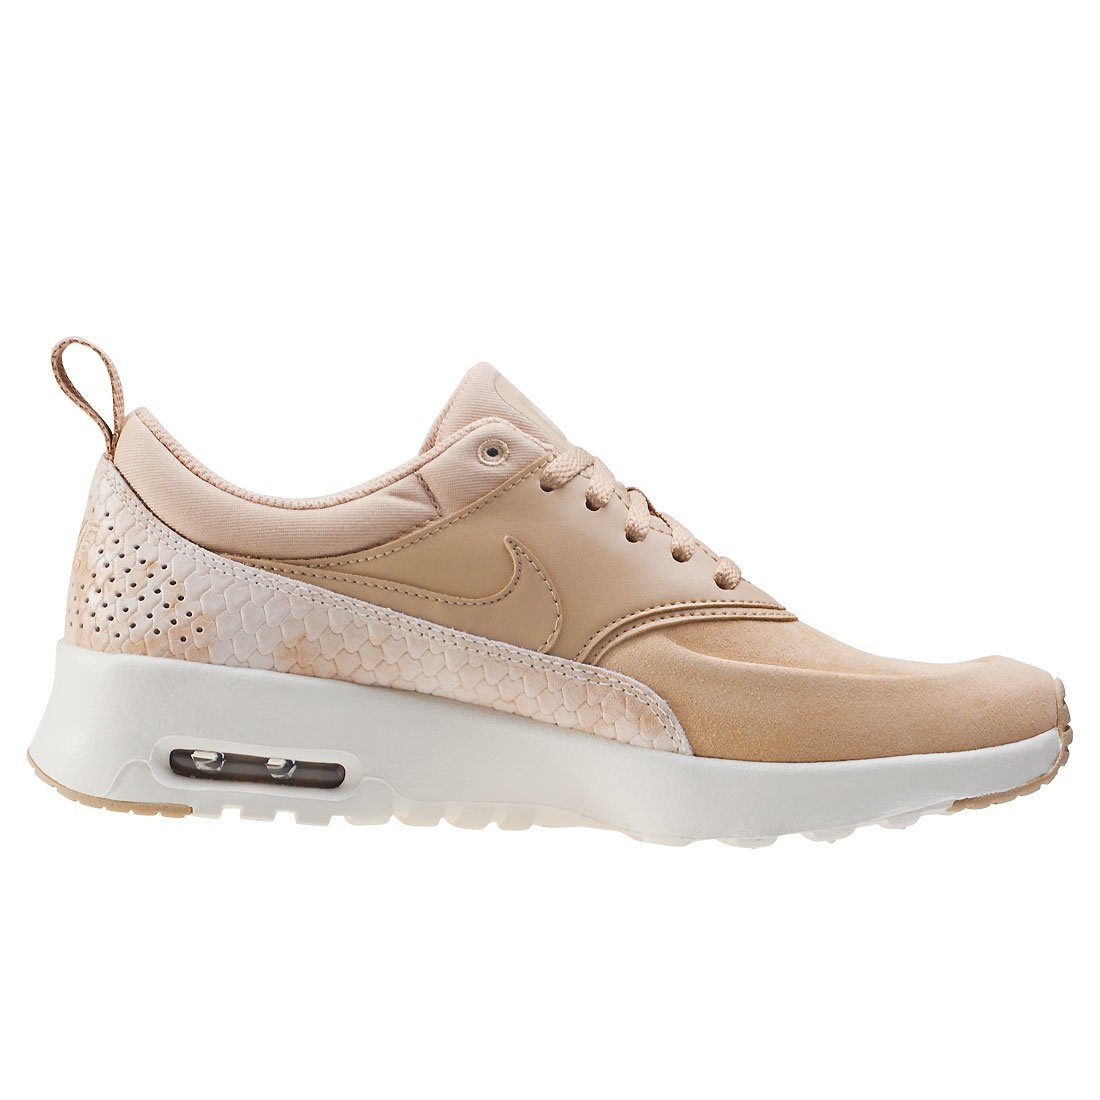 Nike Mujer Max Thea Para 616723 203Zapatillas Wmns Air Premium 92WEDHI